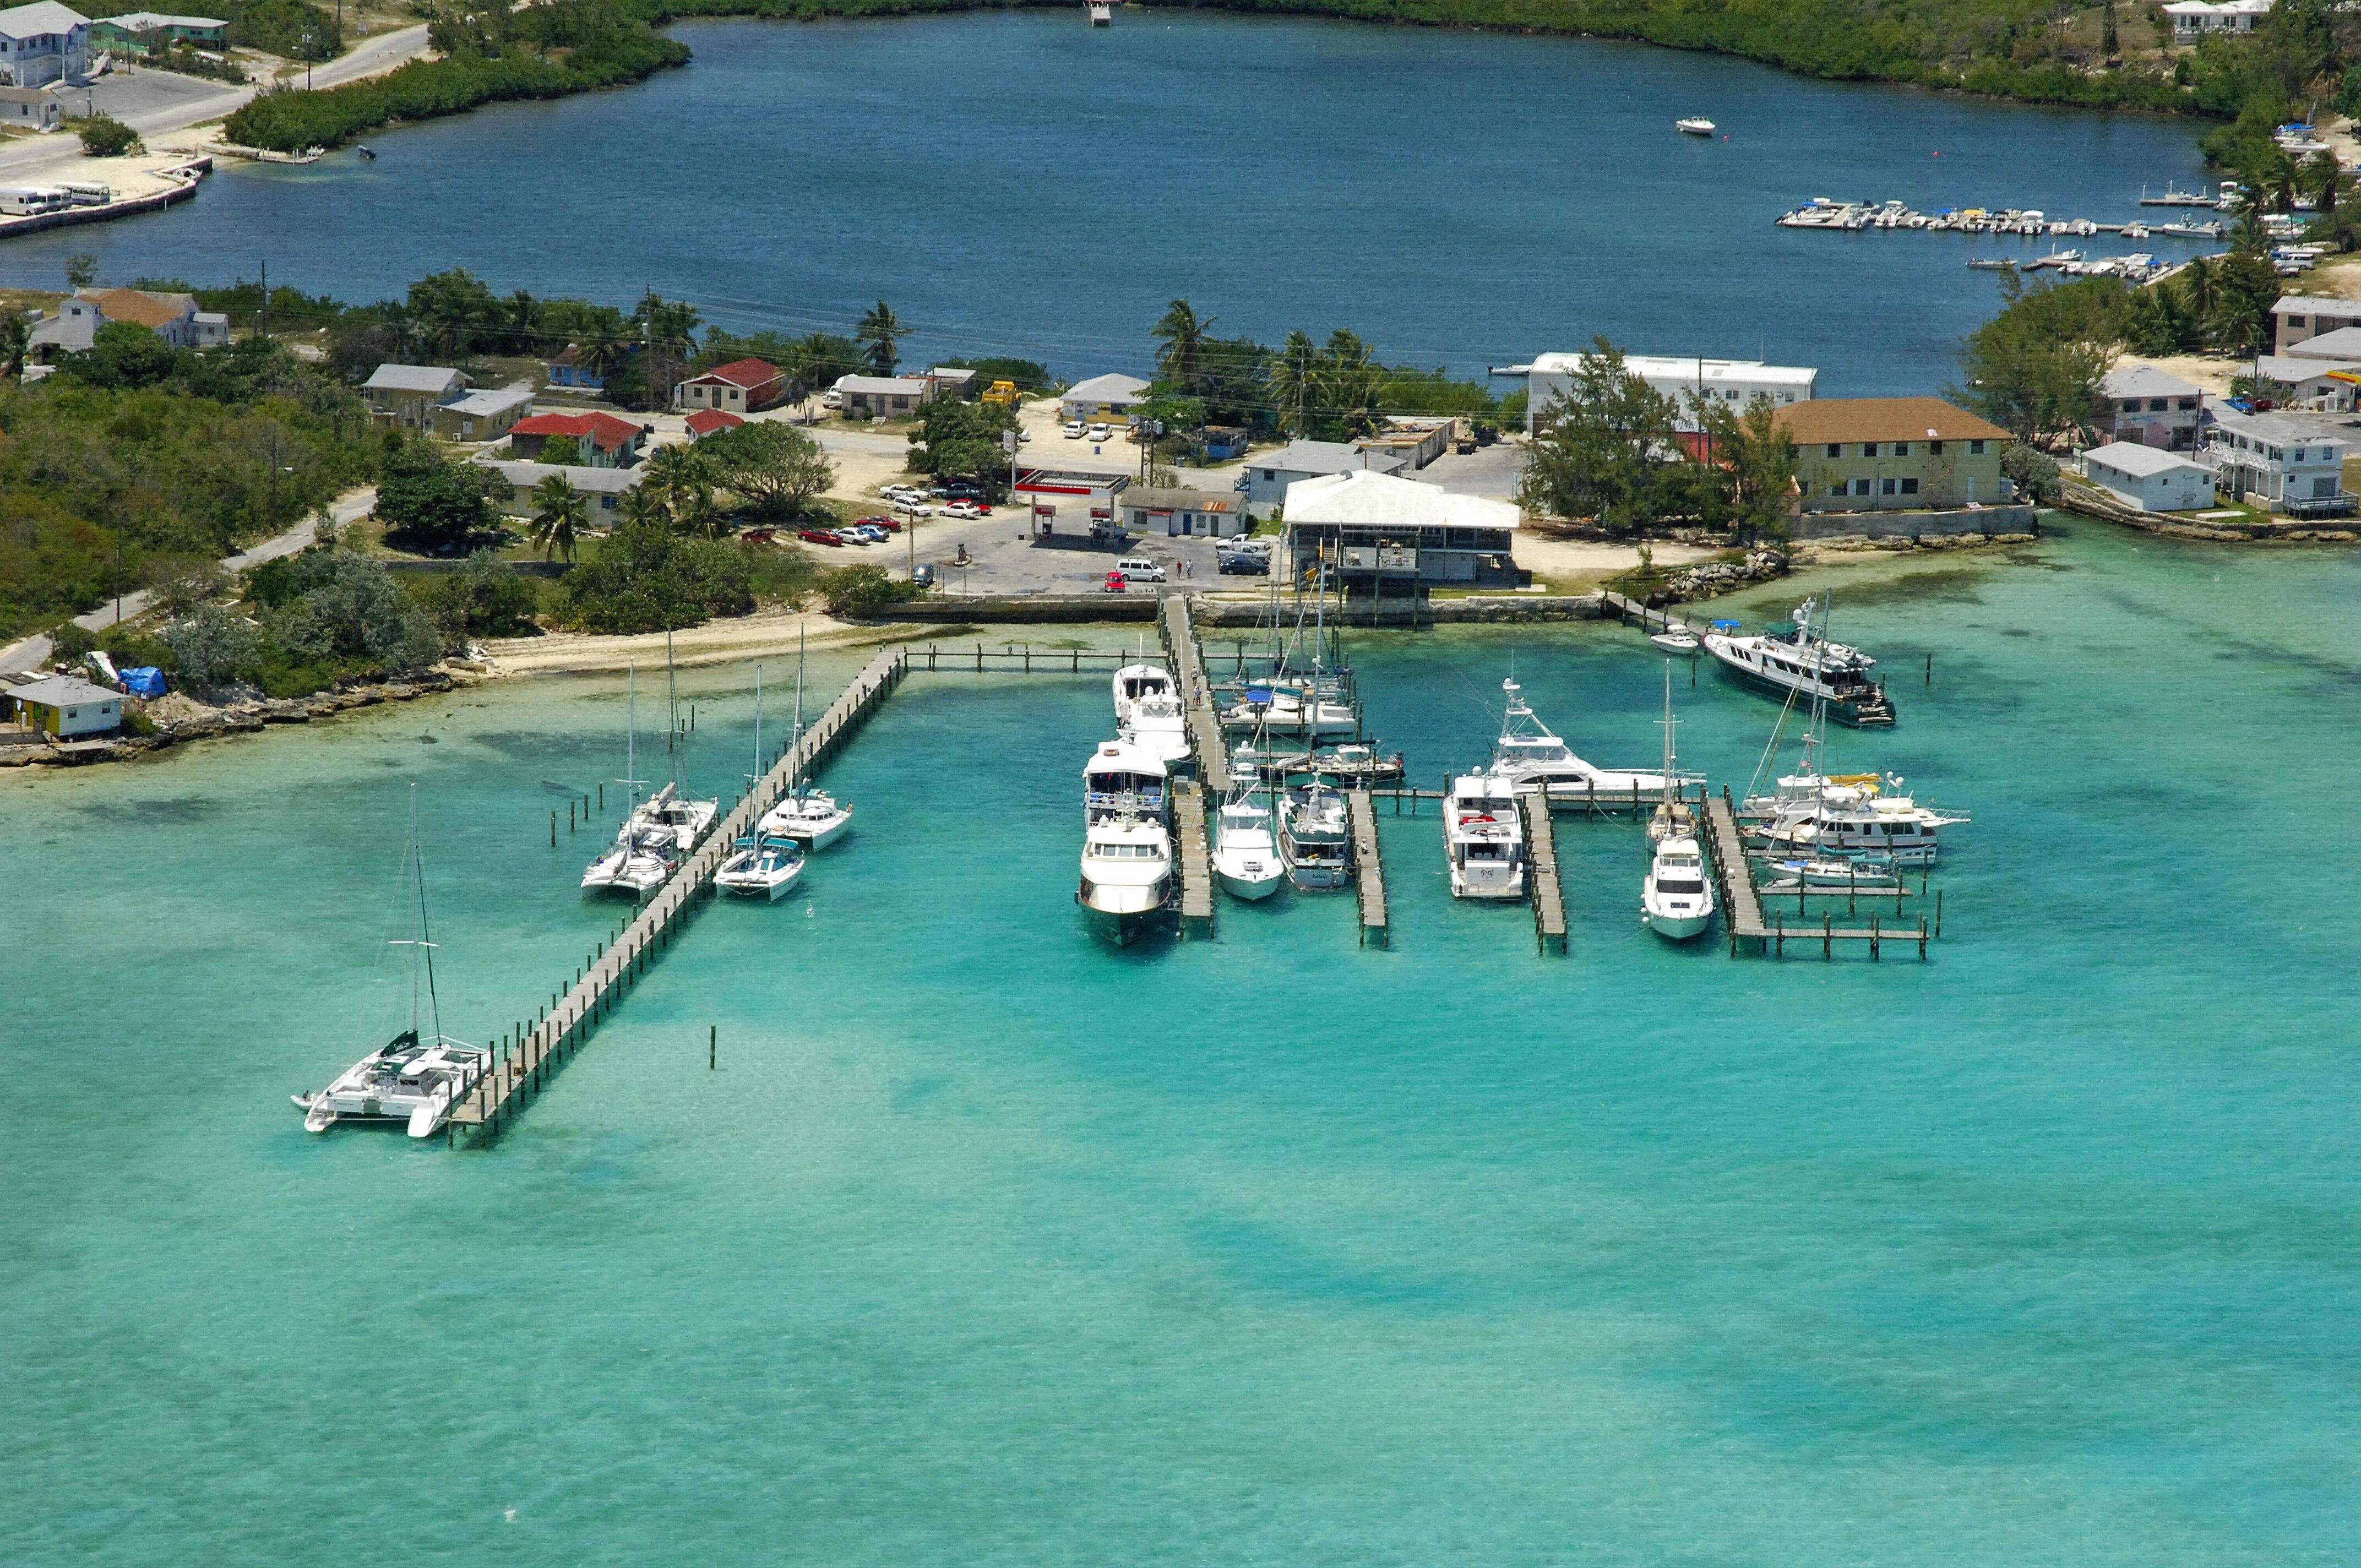 Exuma Yacht Club in George Town, Great Exuma, Bahamas - Marina